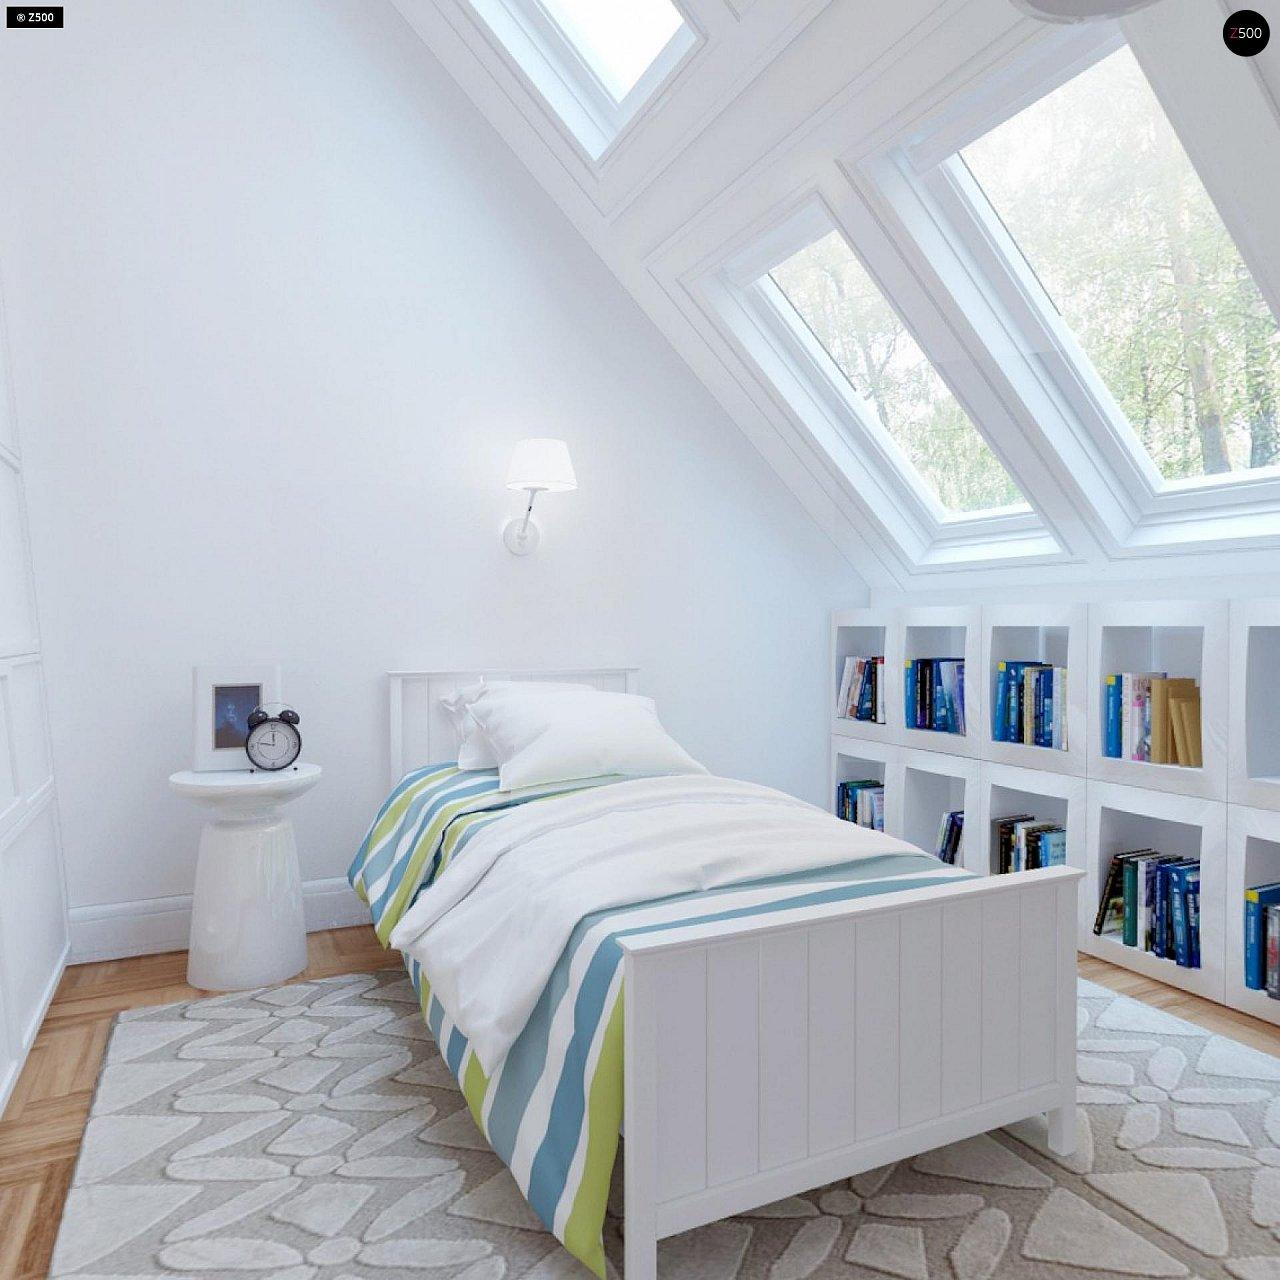 Удобный и красивый дом с красивым окном во фронтоне. 9